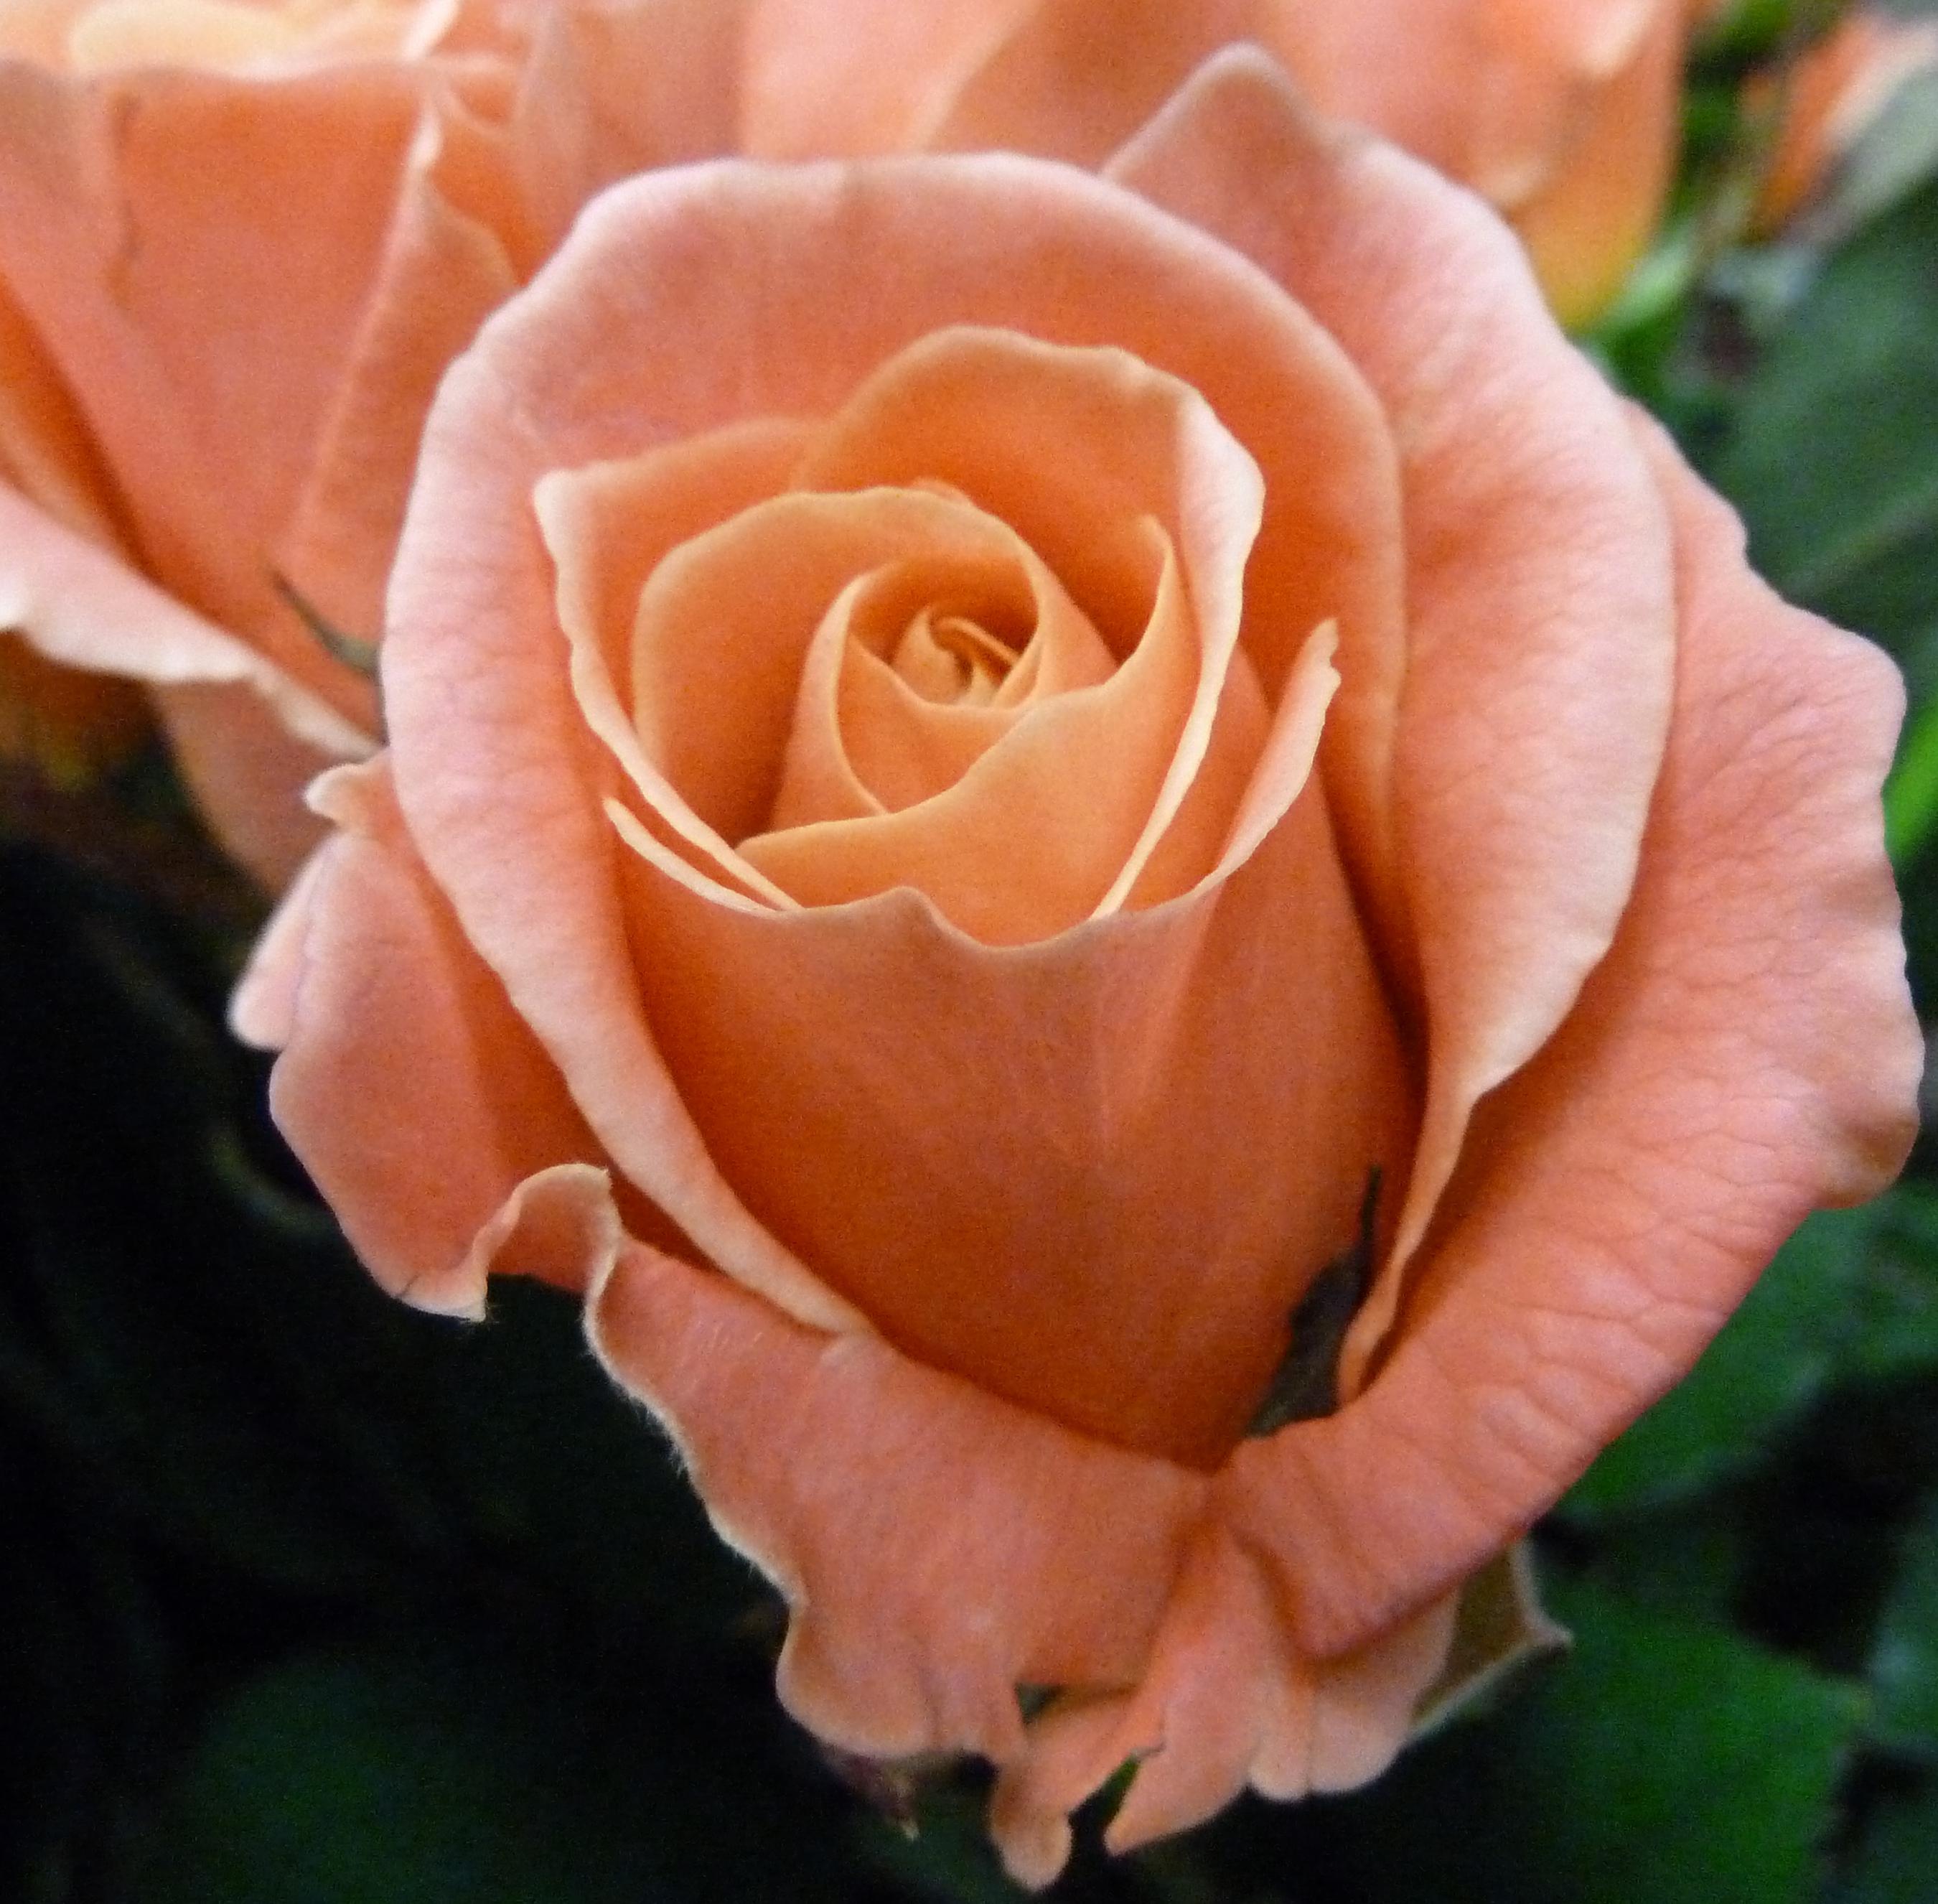 Livraisons de fleurs 7 7 jours - Marché Floral 90ef33e2810